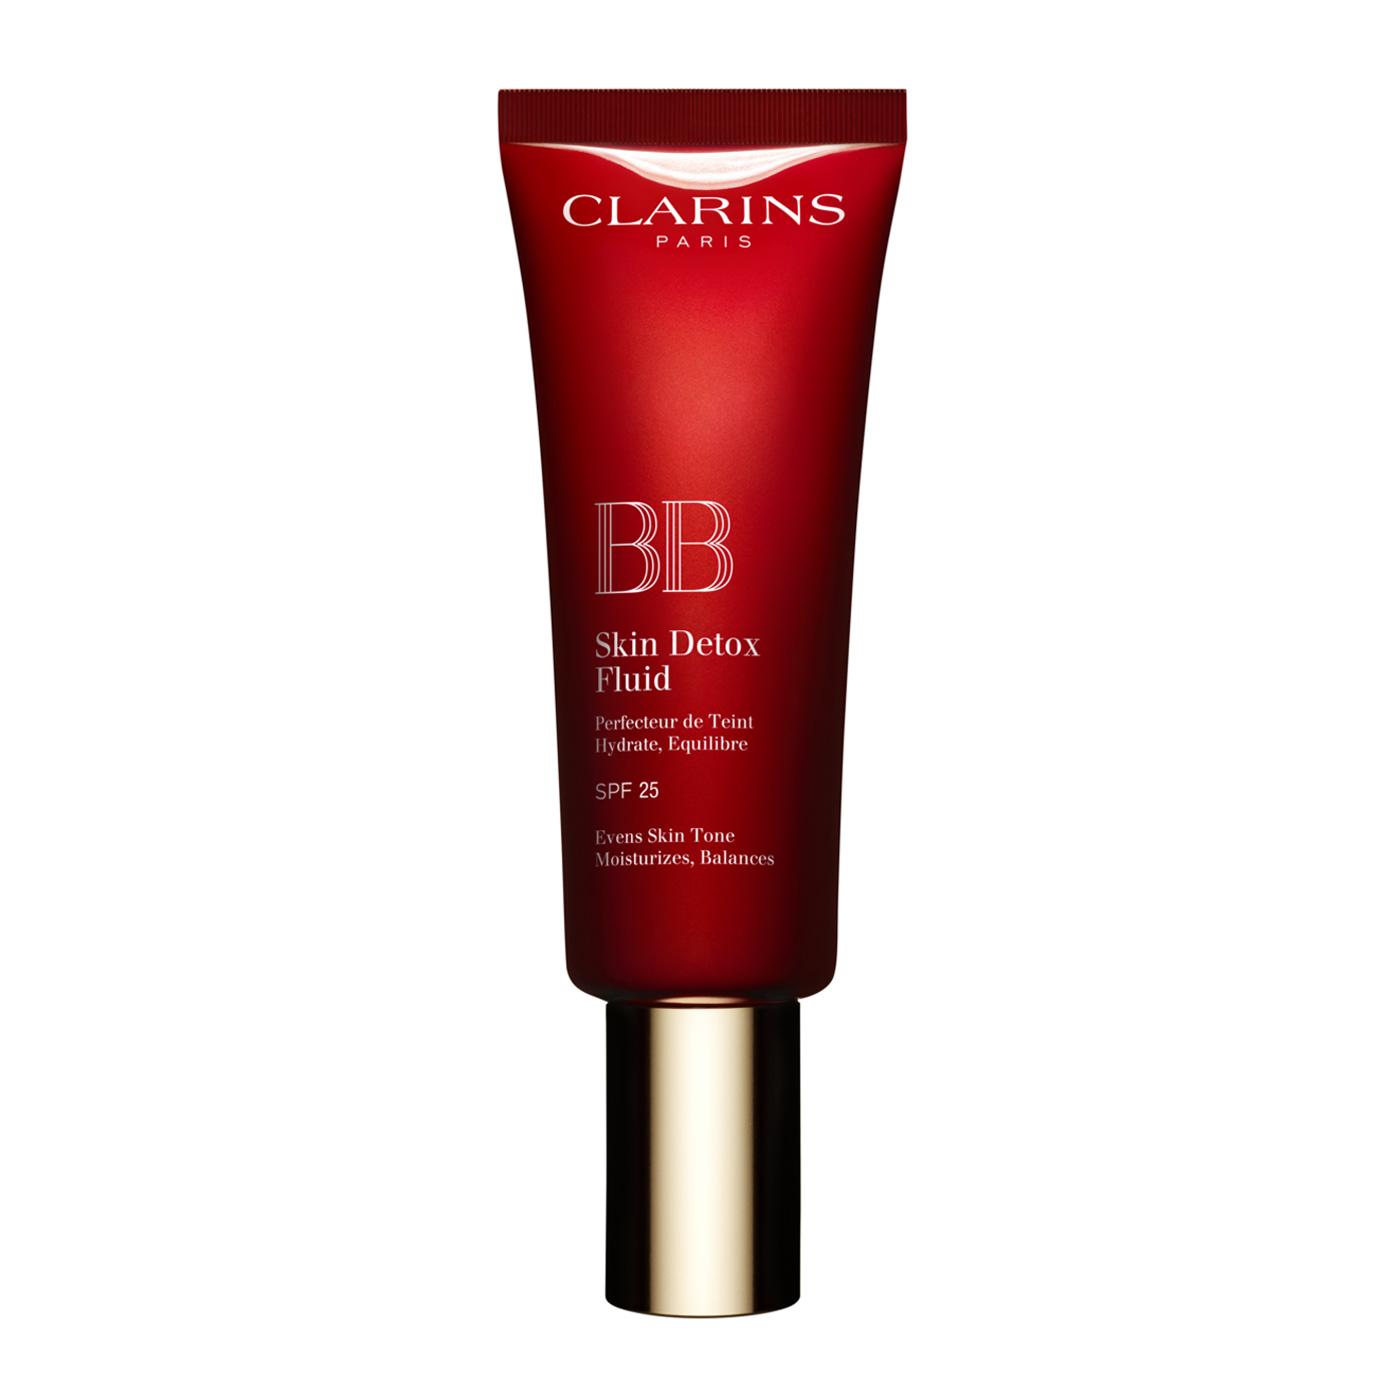 25 Detox Fluid Skin Bb Spf Clarins eWQCxBodEr